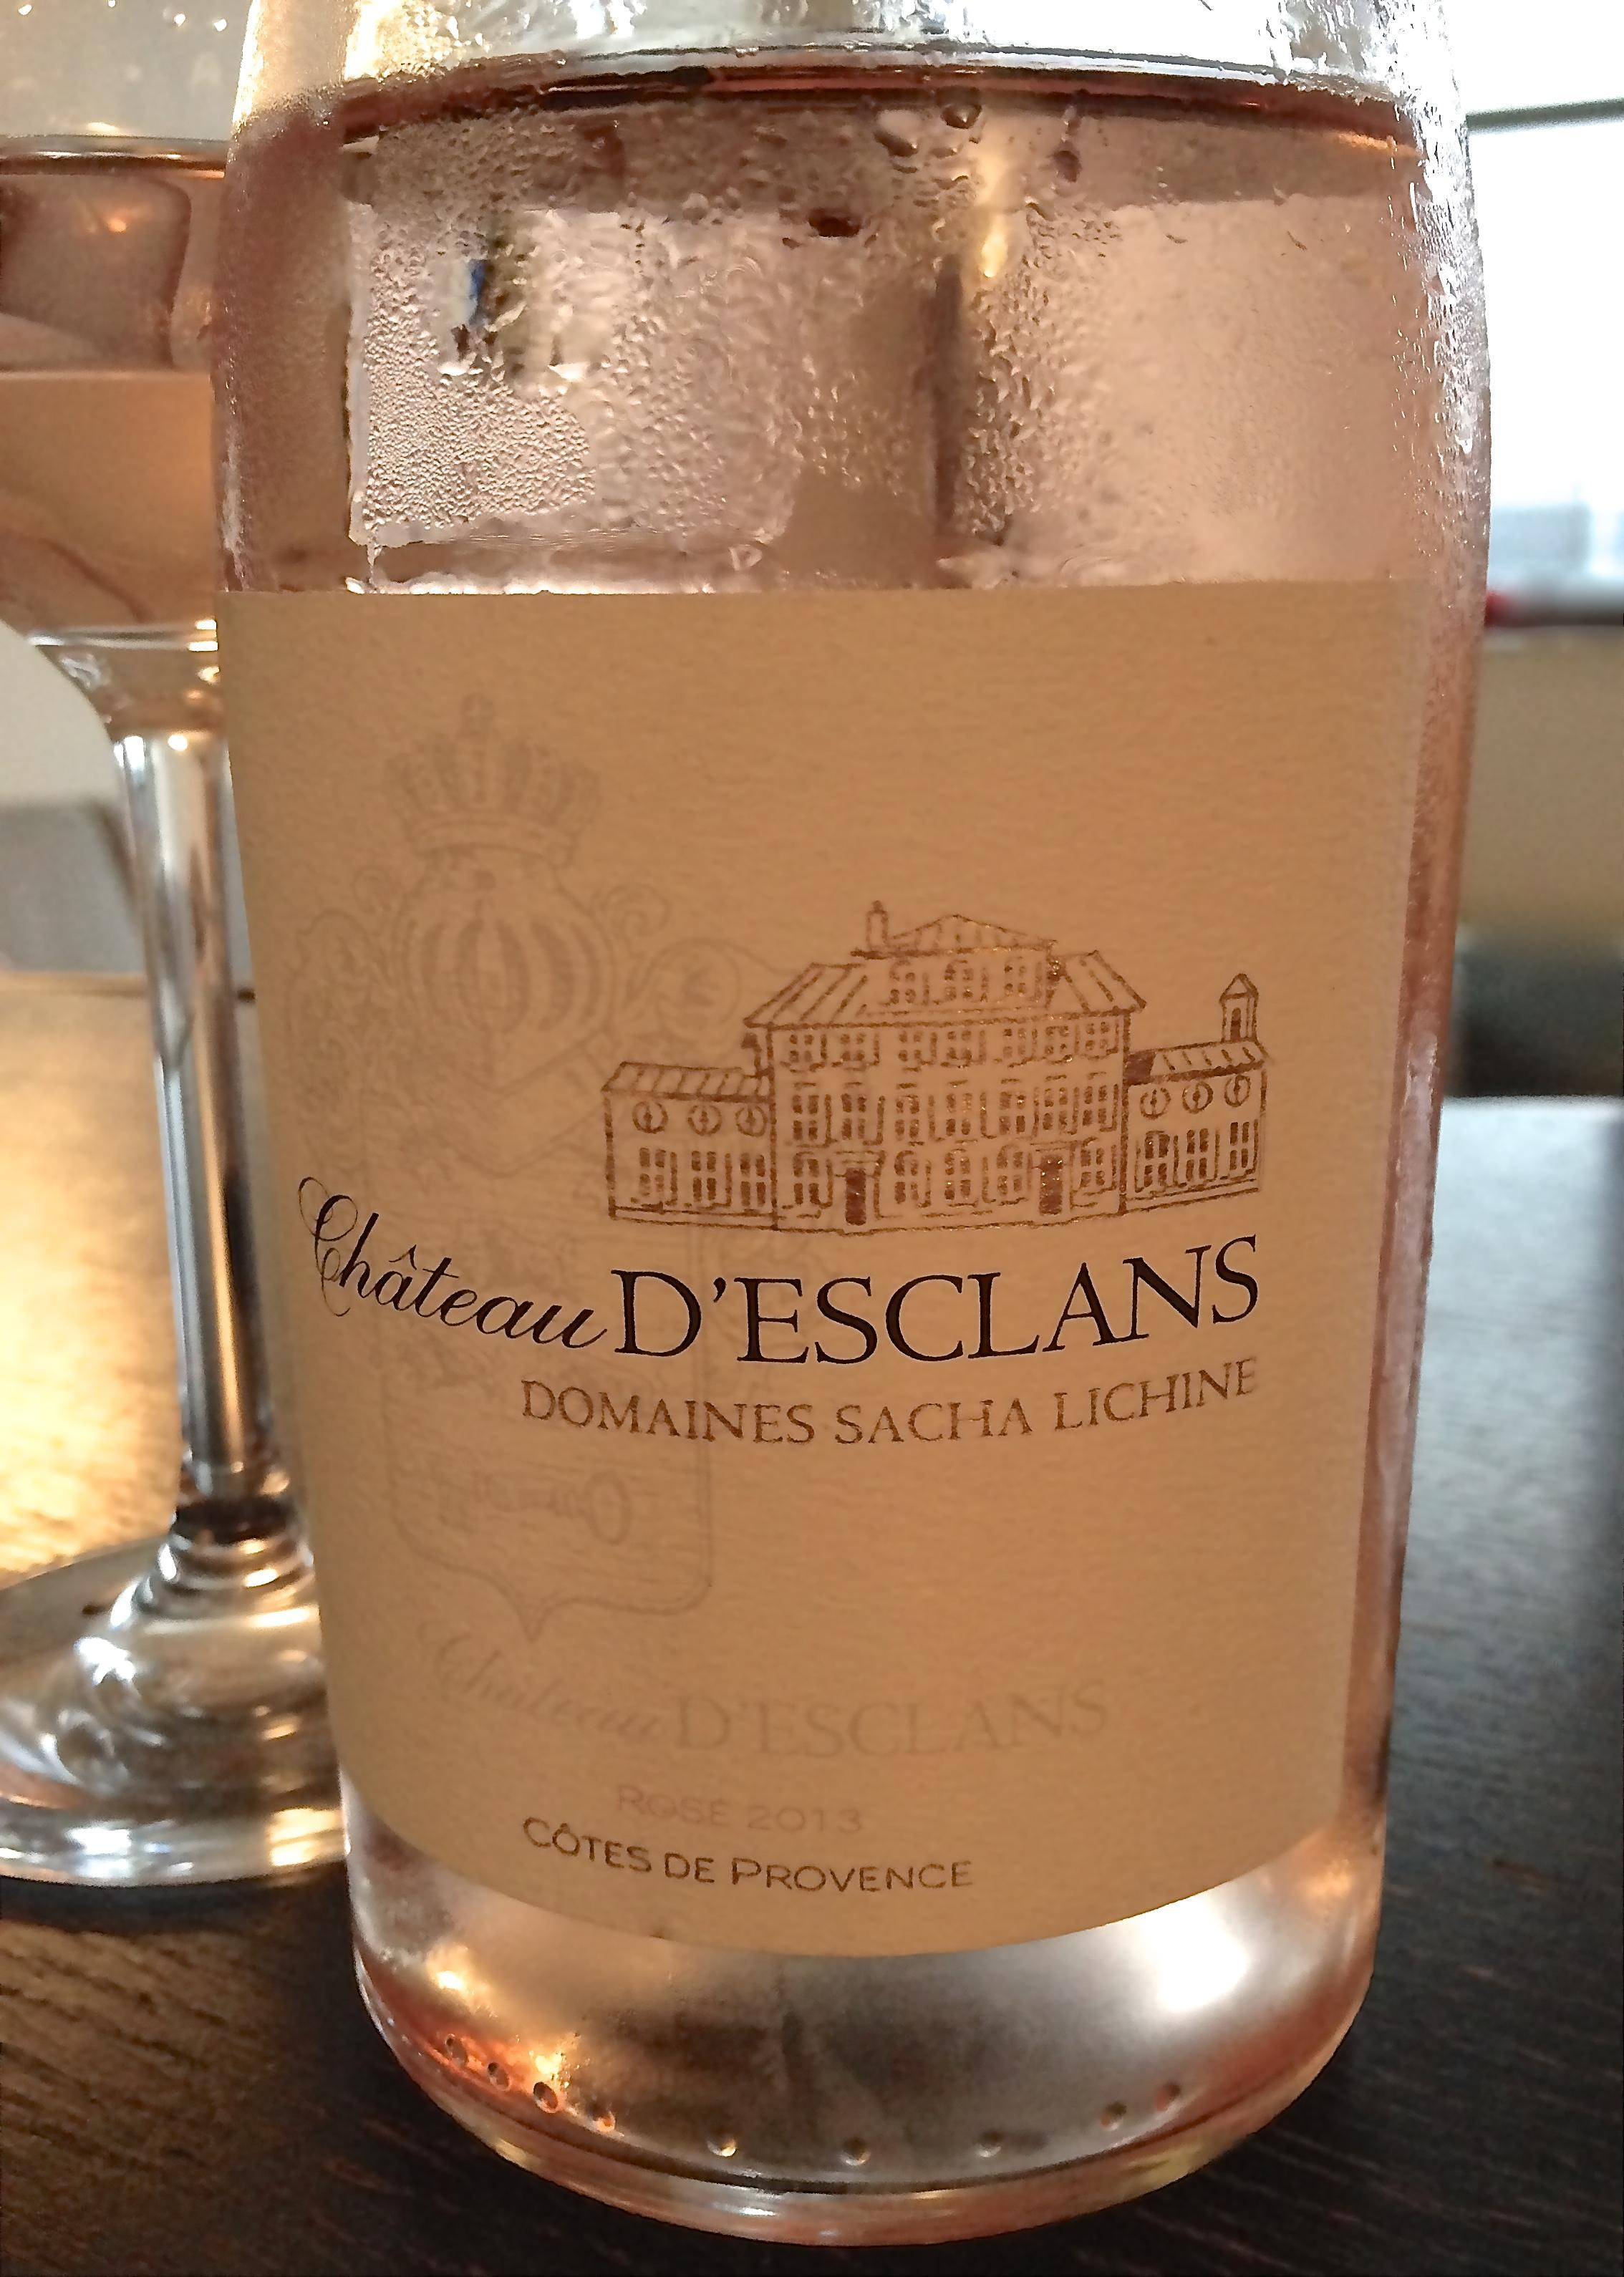 Chateau d'Esclans Rosé, Domaines Sacha Lichine 1